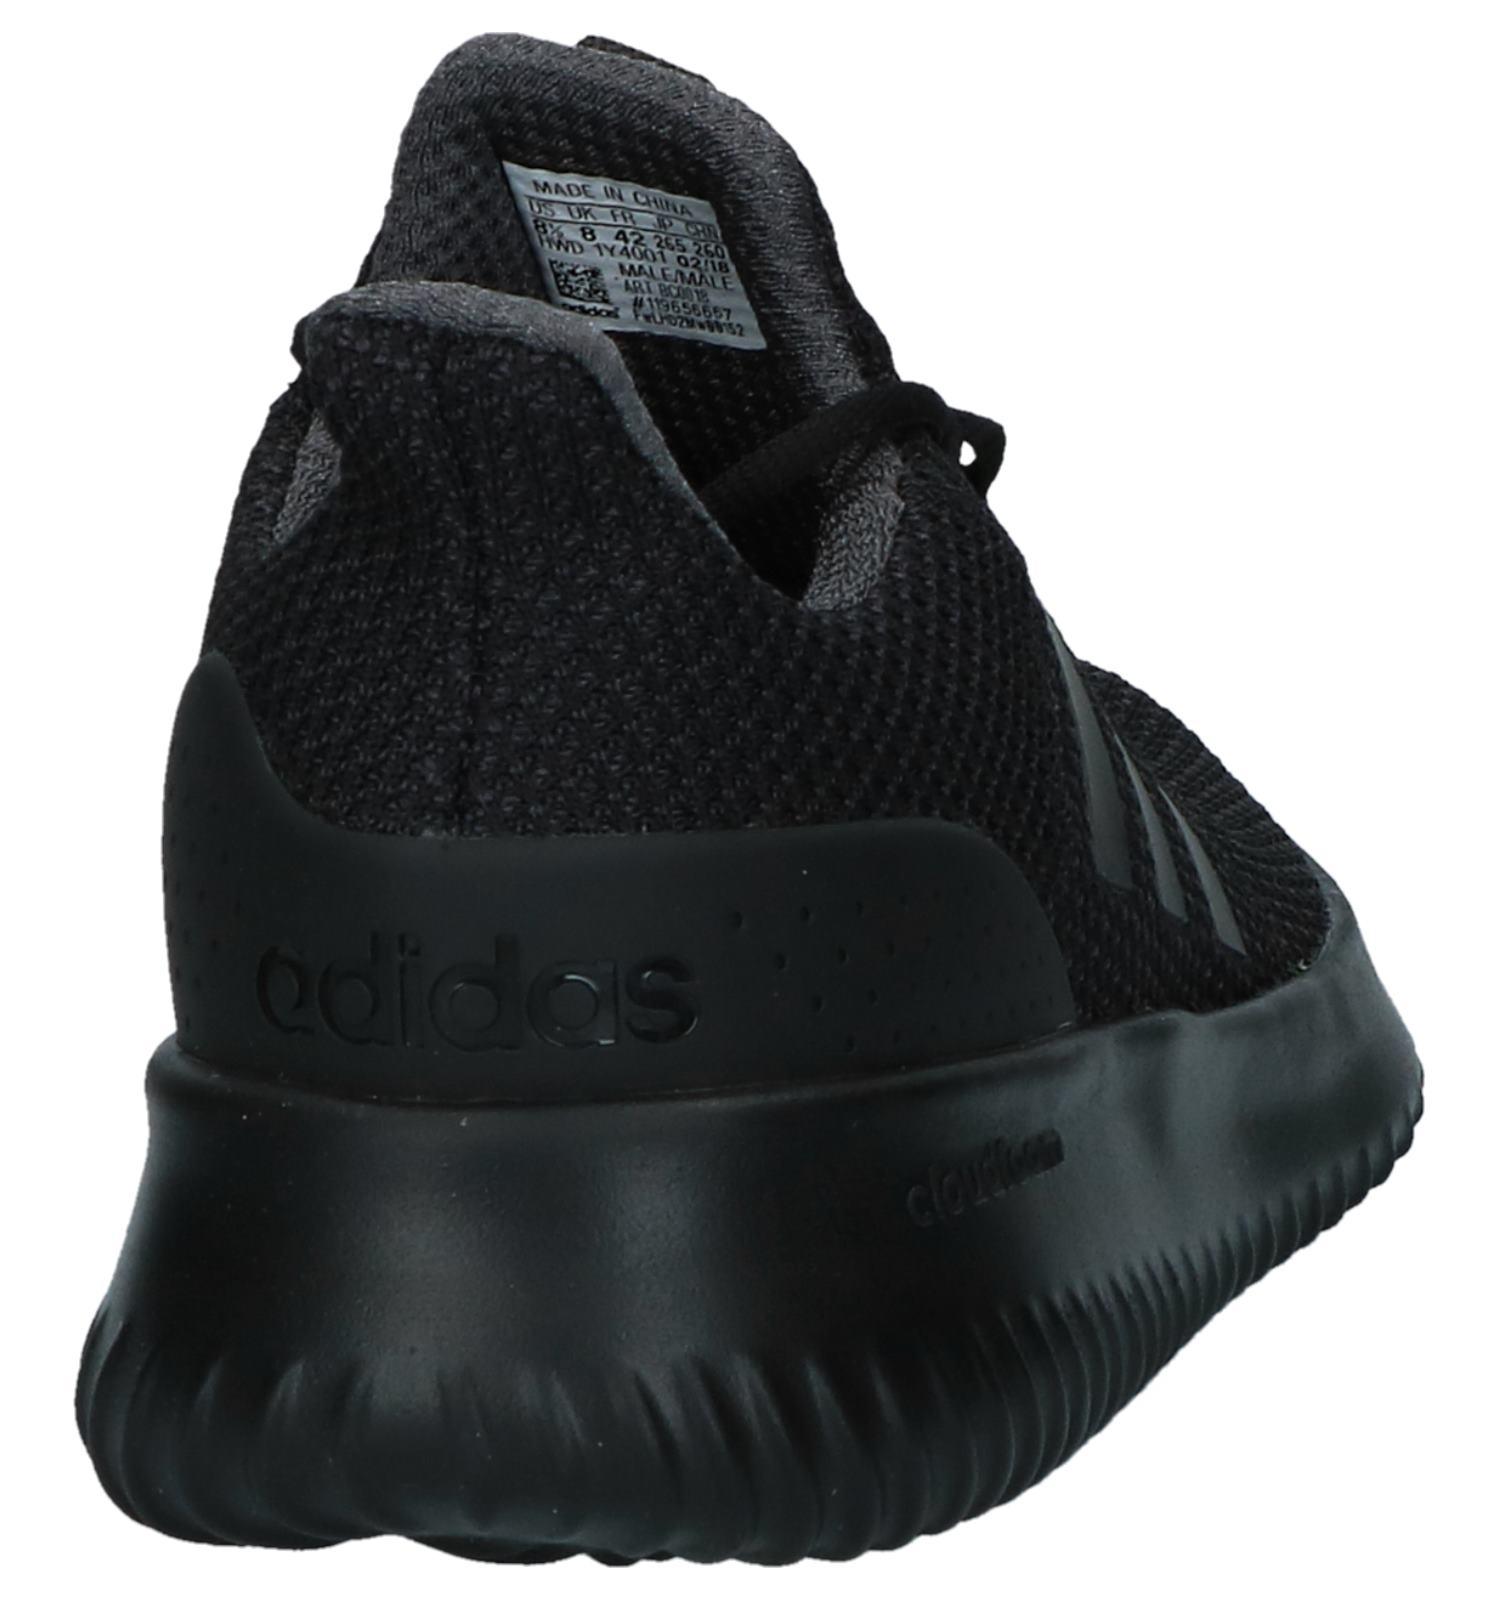 Cloudfoam Sneakers Cloudfoam Sneakers Zwarte Zwarte Zwarte Sneakers Adidas Adidas Cloudfoam Adidas Adidas Cloudfoam PZOiwXuTk